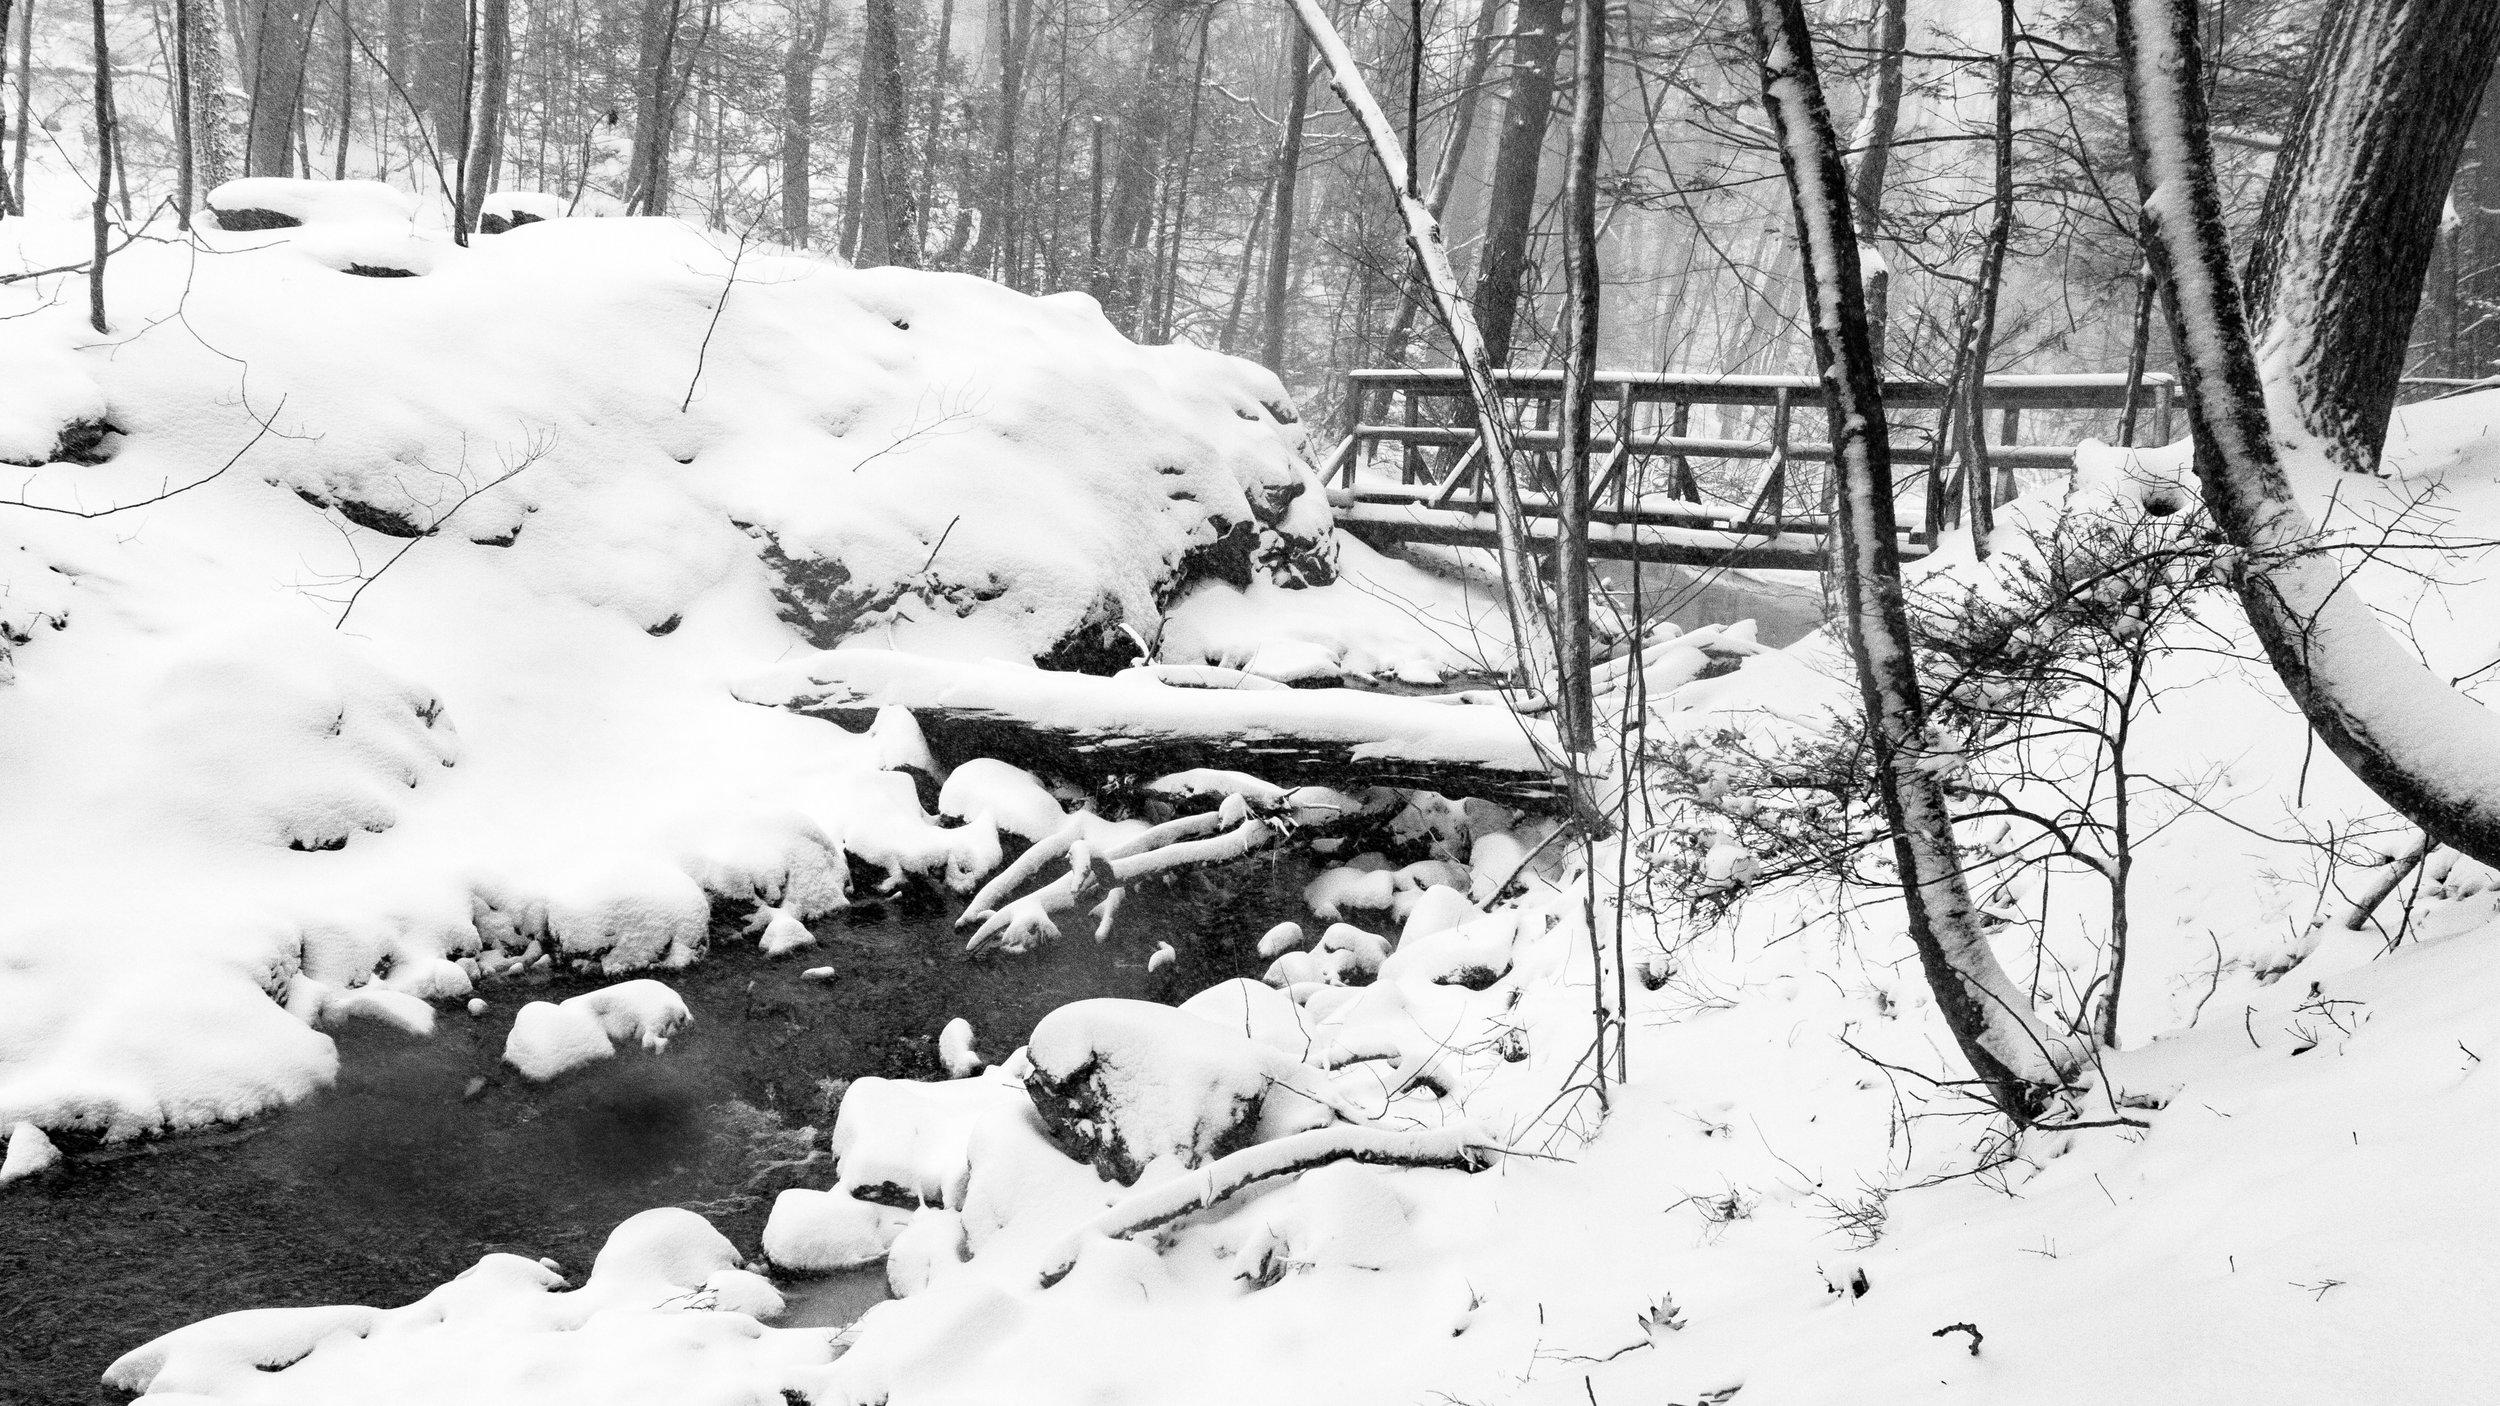 Winter Snow Shaker Glen-4.jpg